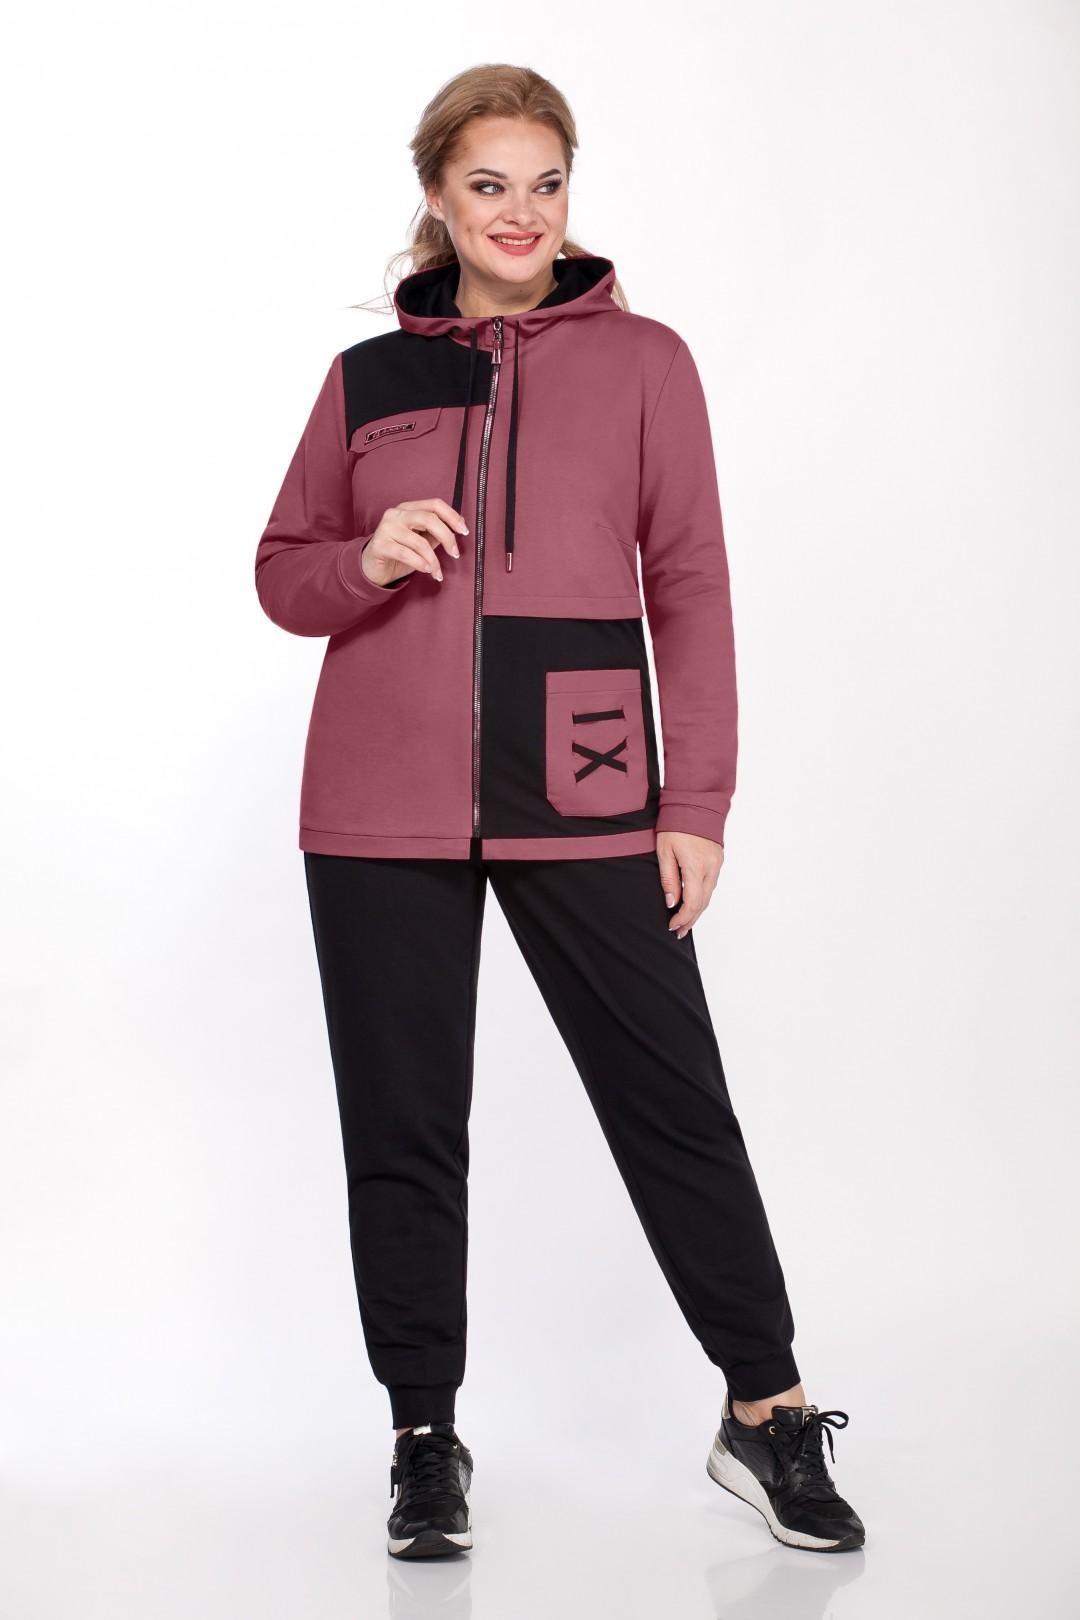 Комплект BonnaImage 546 розовый